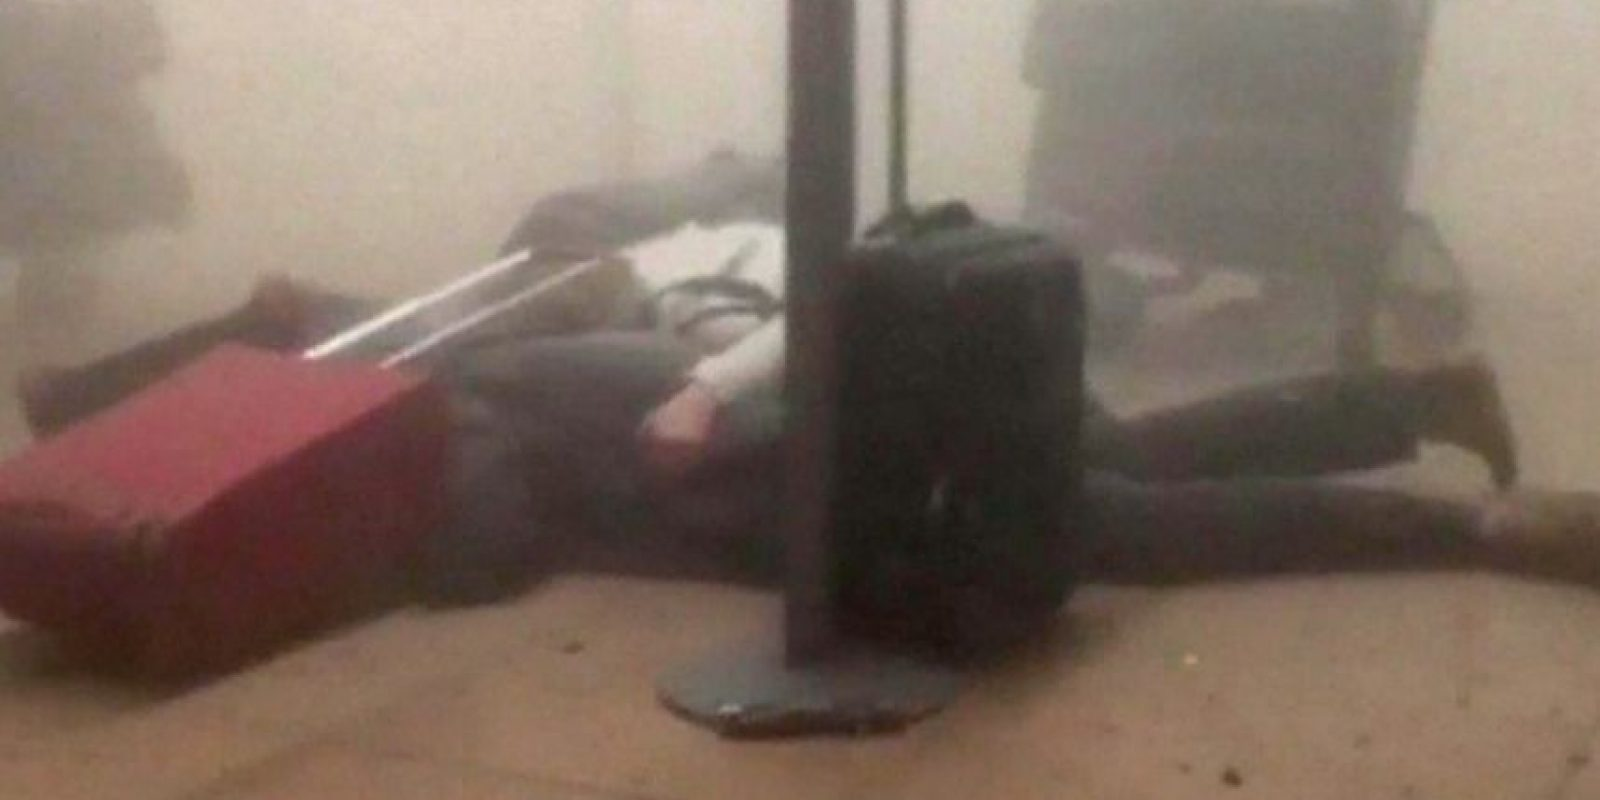 Bruselas, en Bélgica, vivió el peor atentado terrorista de su historia reciente Foto:AFP. Imagen Por: